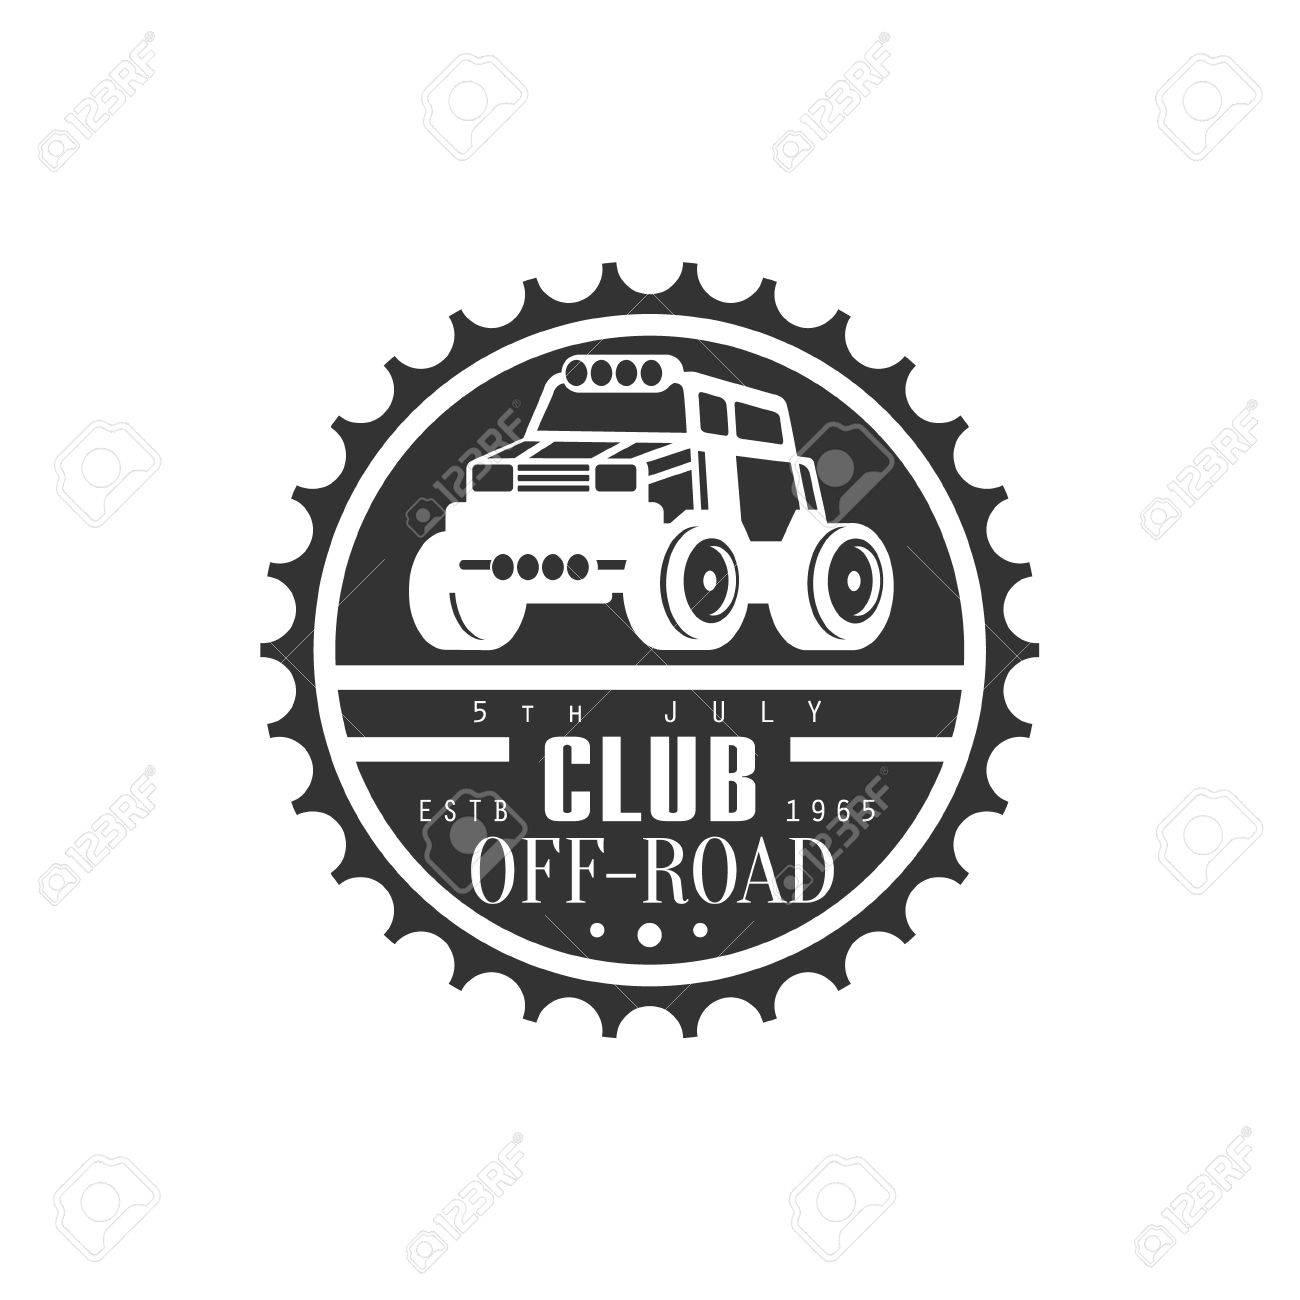 Off-Road Club De Extrema Alquiler De Evento Negro Y Negro De ...